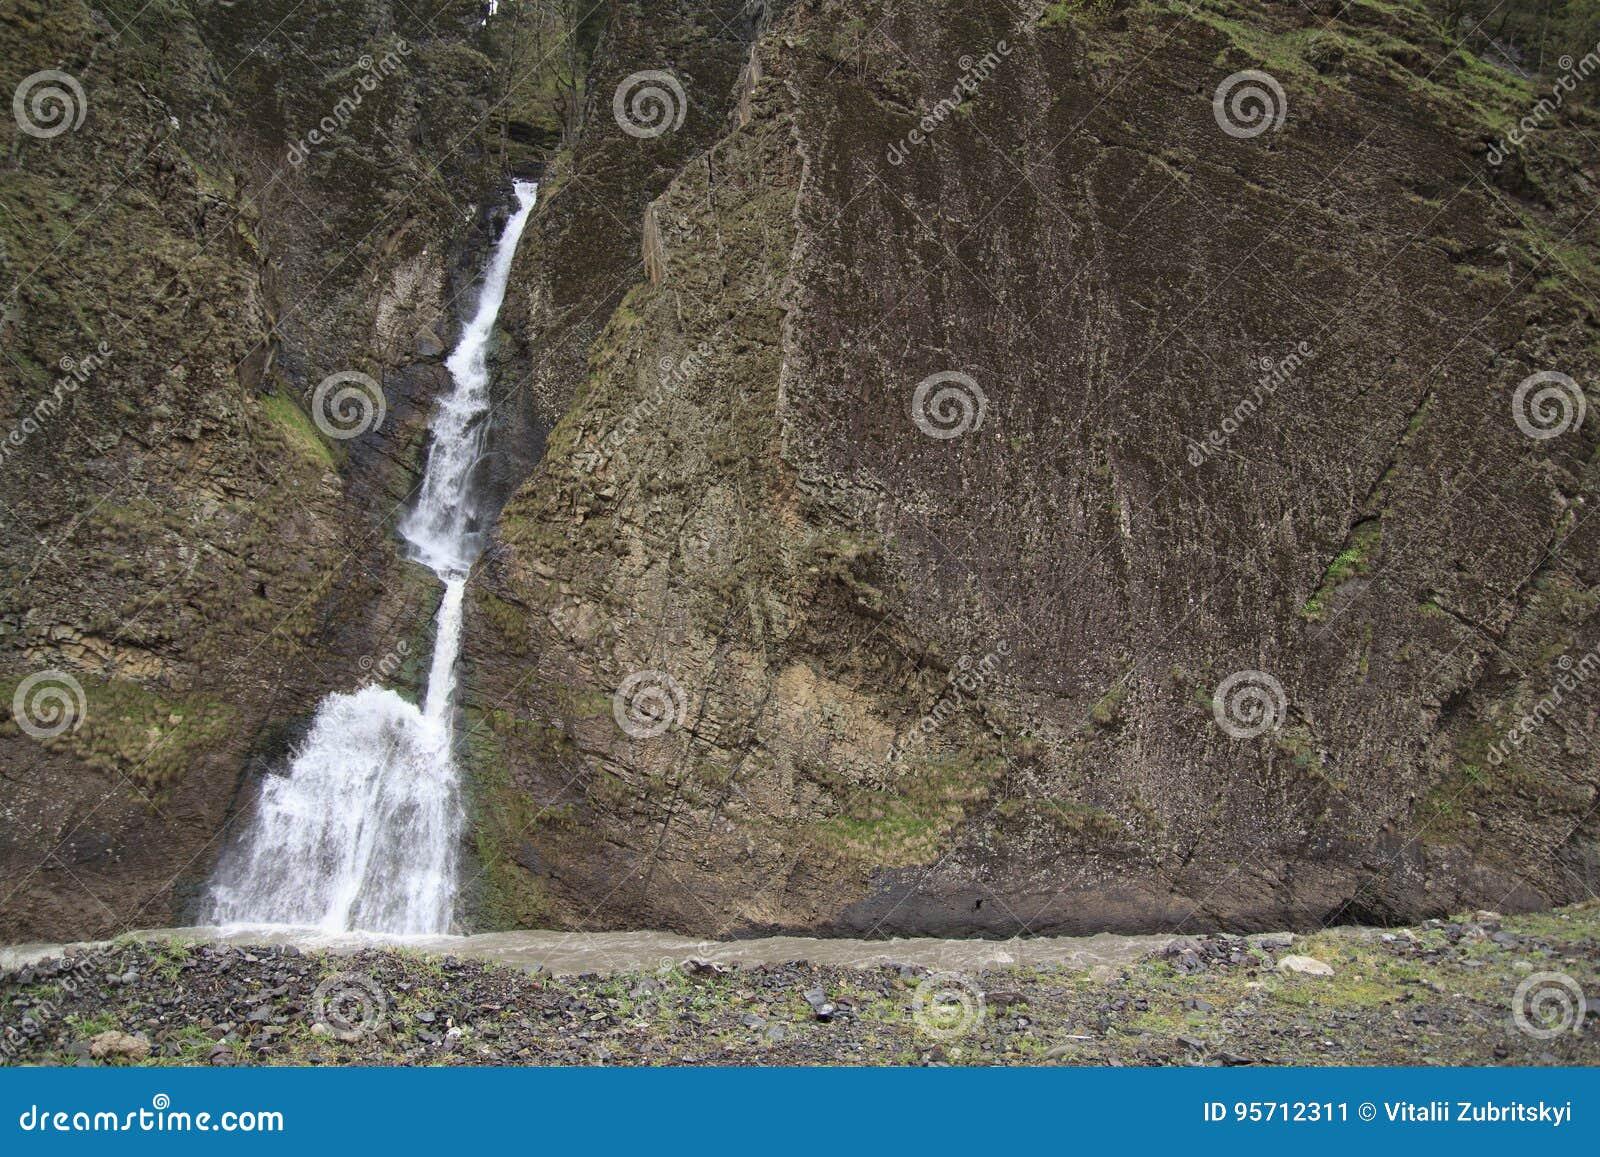 Felsen Wand Und Wasserfall Stockbild Bild Von Fluss Strom